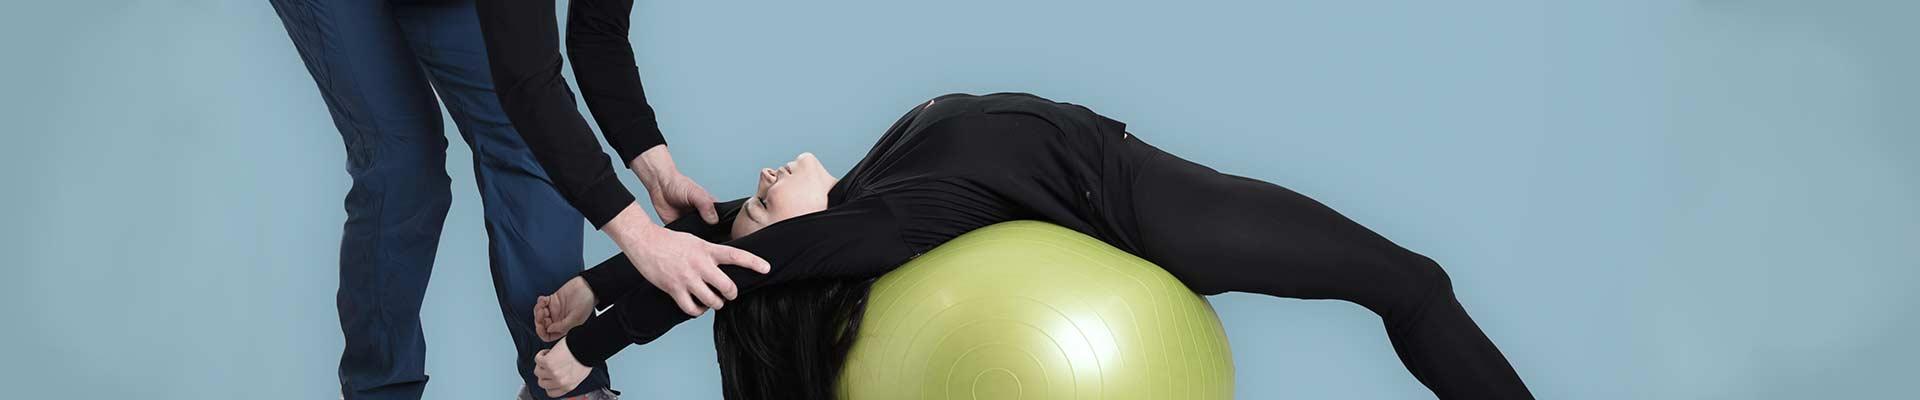 Η άσκηση η οποία στοχεύει στο να θεραπεύσει χρόνιους πόνους, διαφέρει από τη συμβατική άσκηση